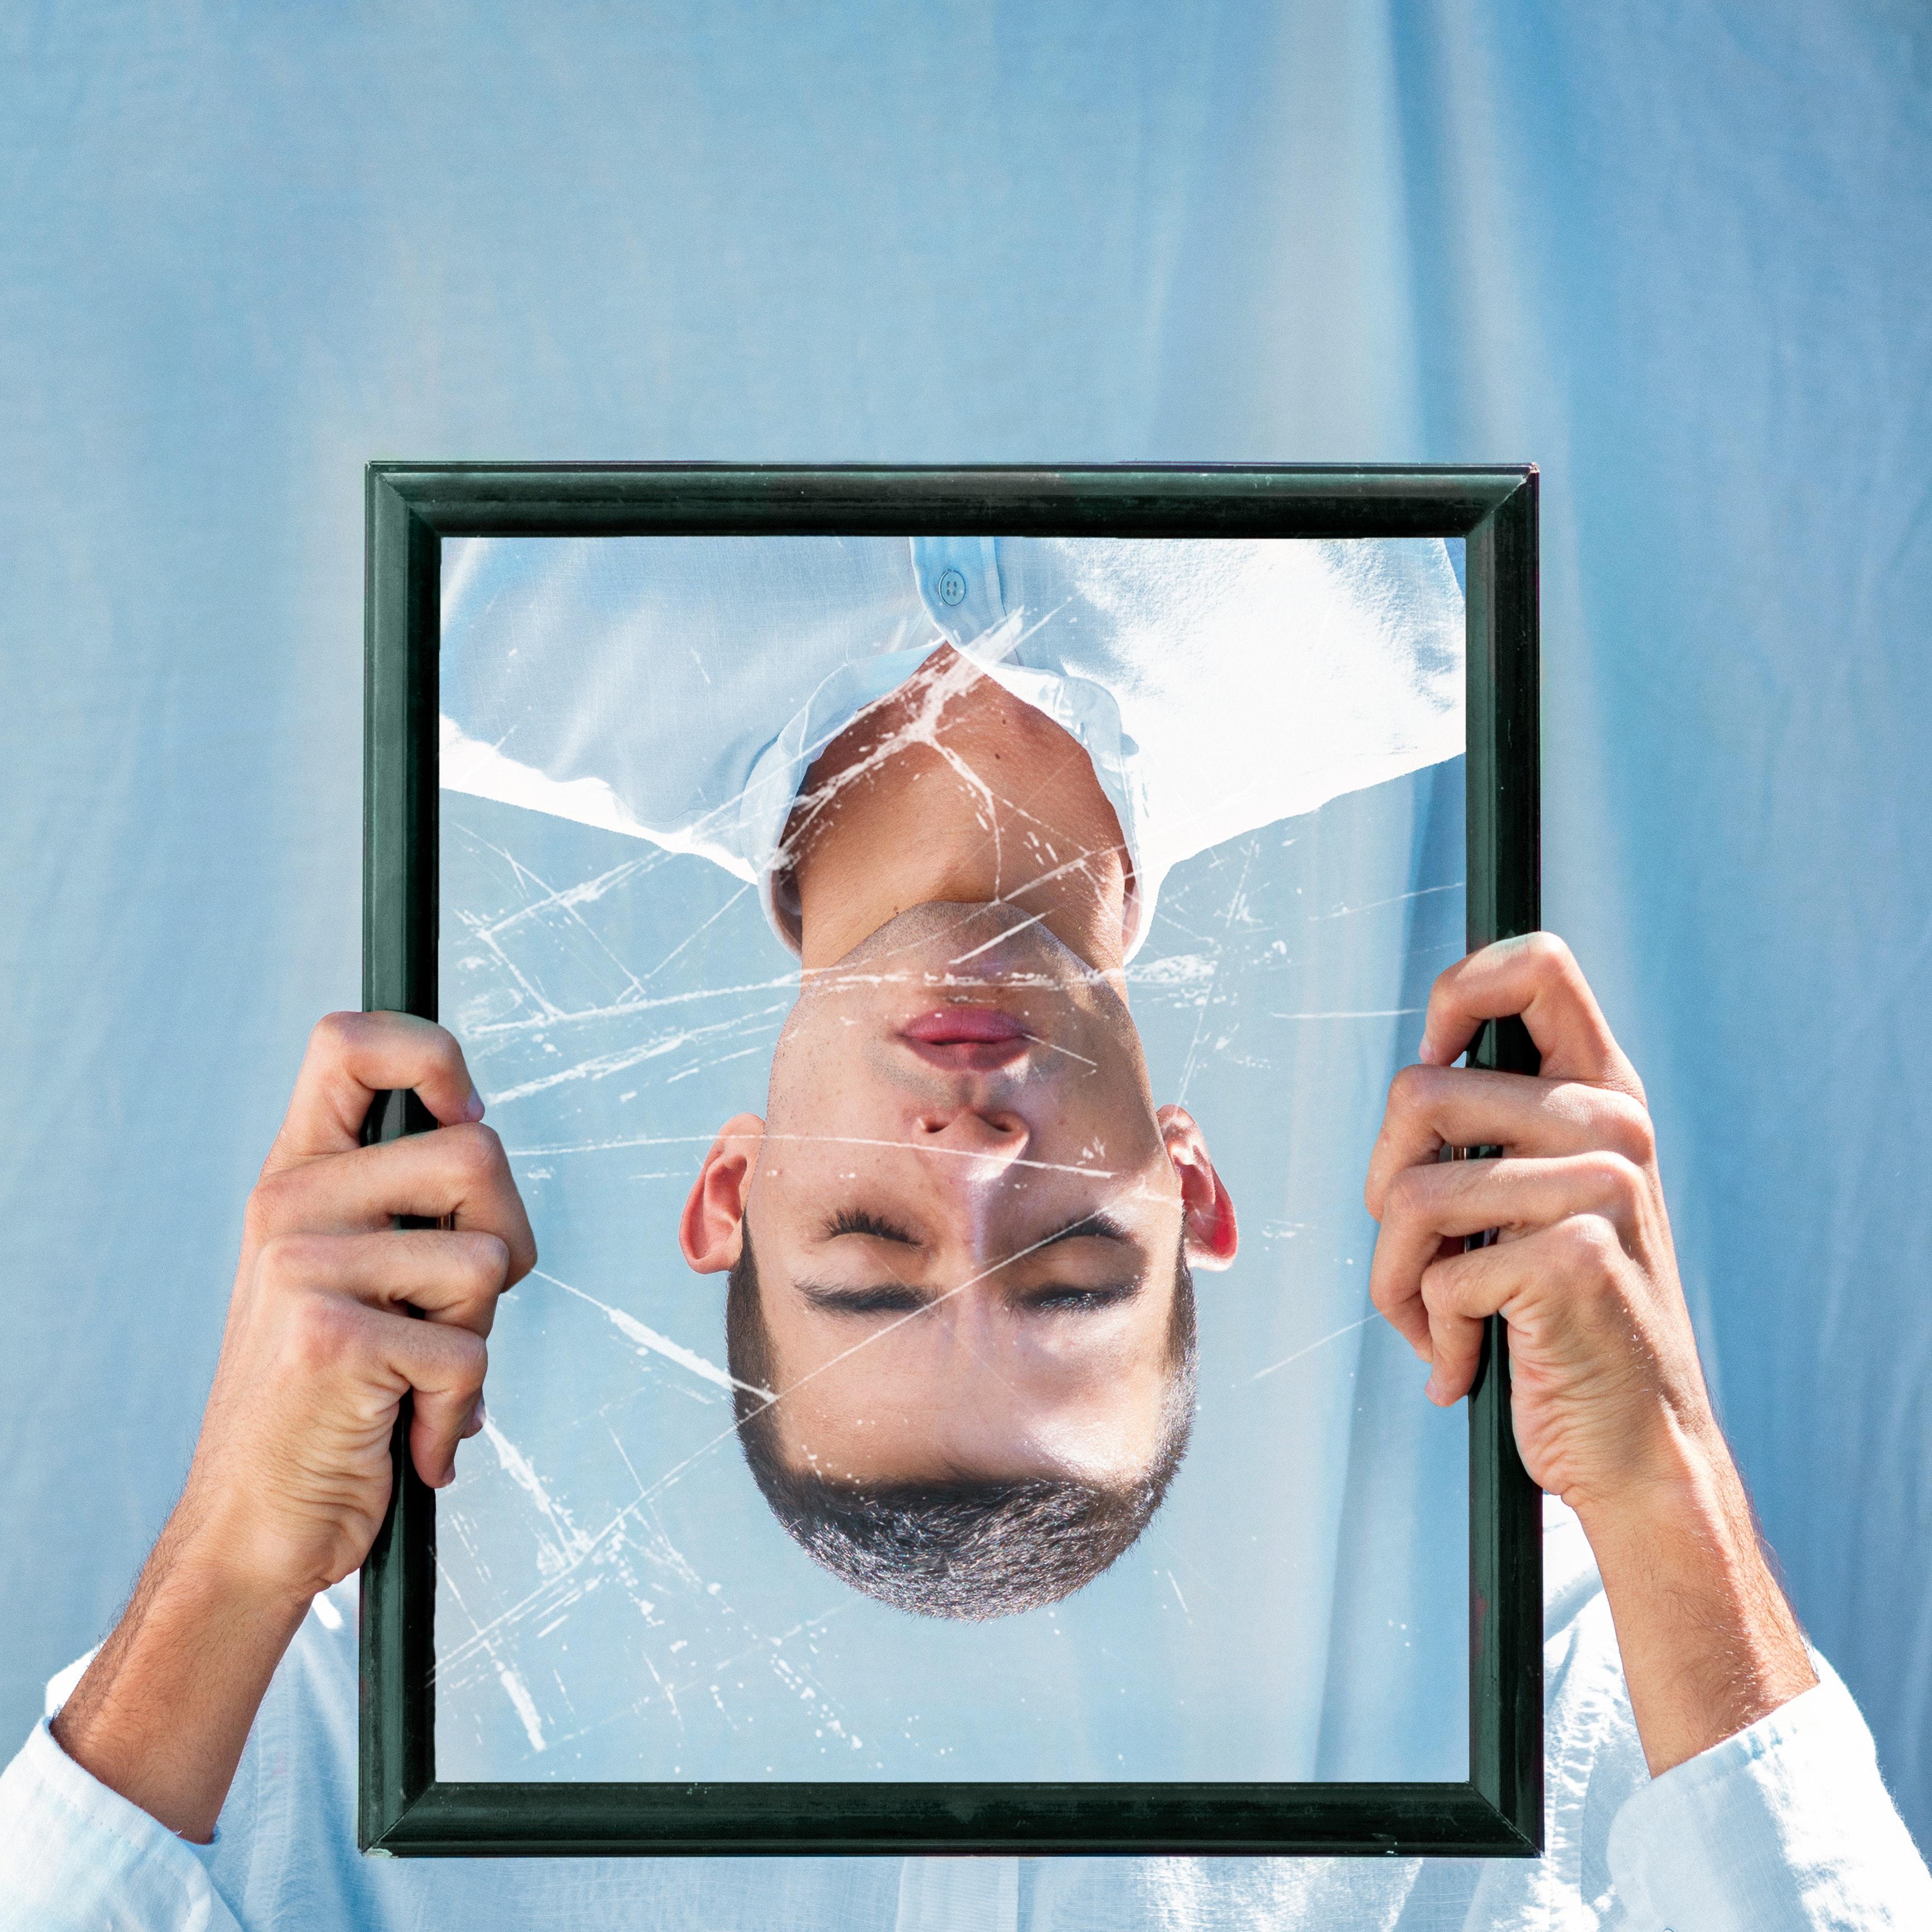 O ego a grande armadilha de julgar os outros - pitacos e achados